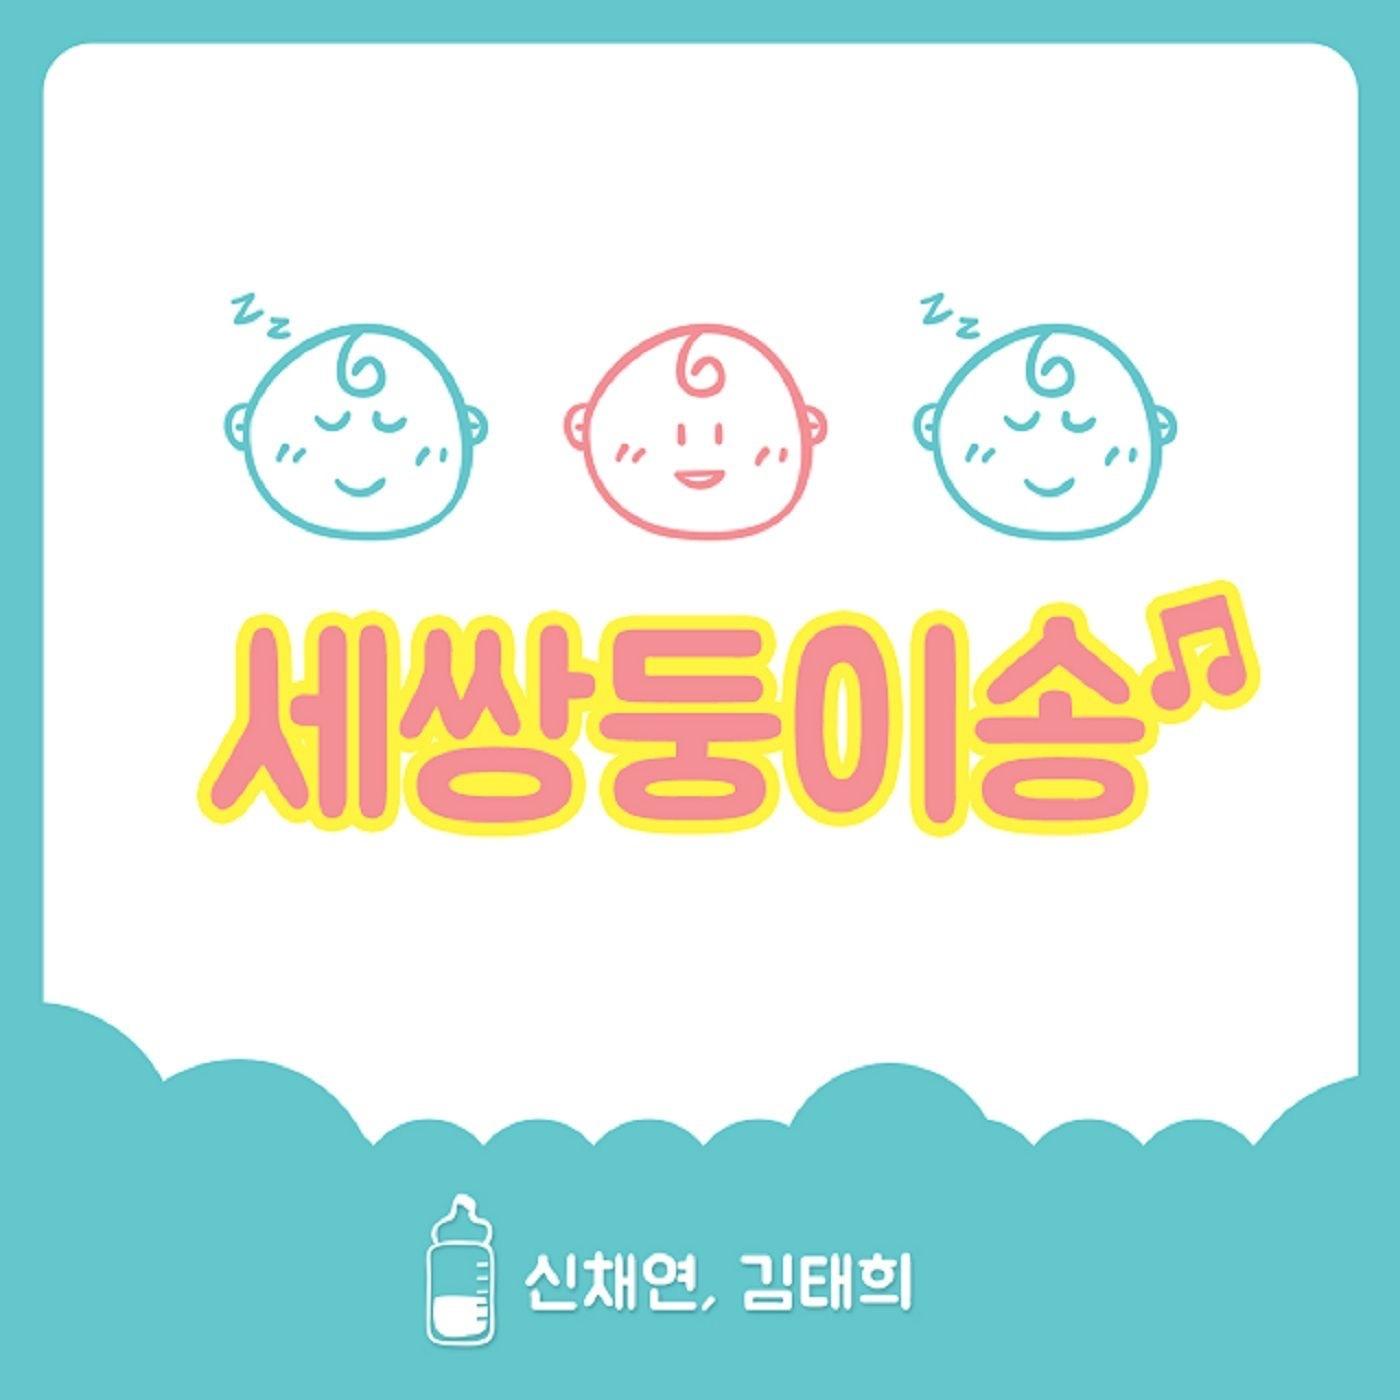 세쌍둥이송 - Single